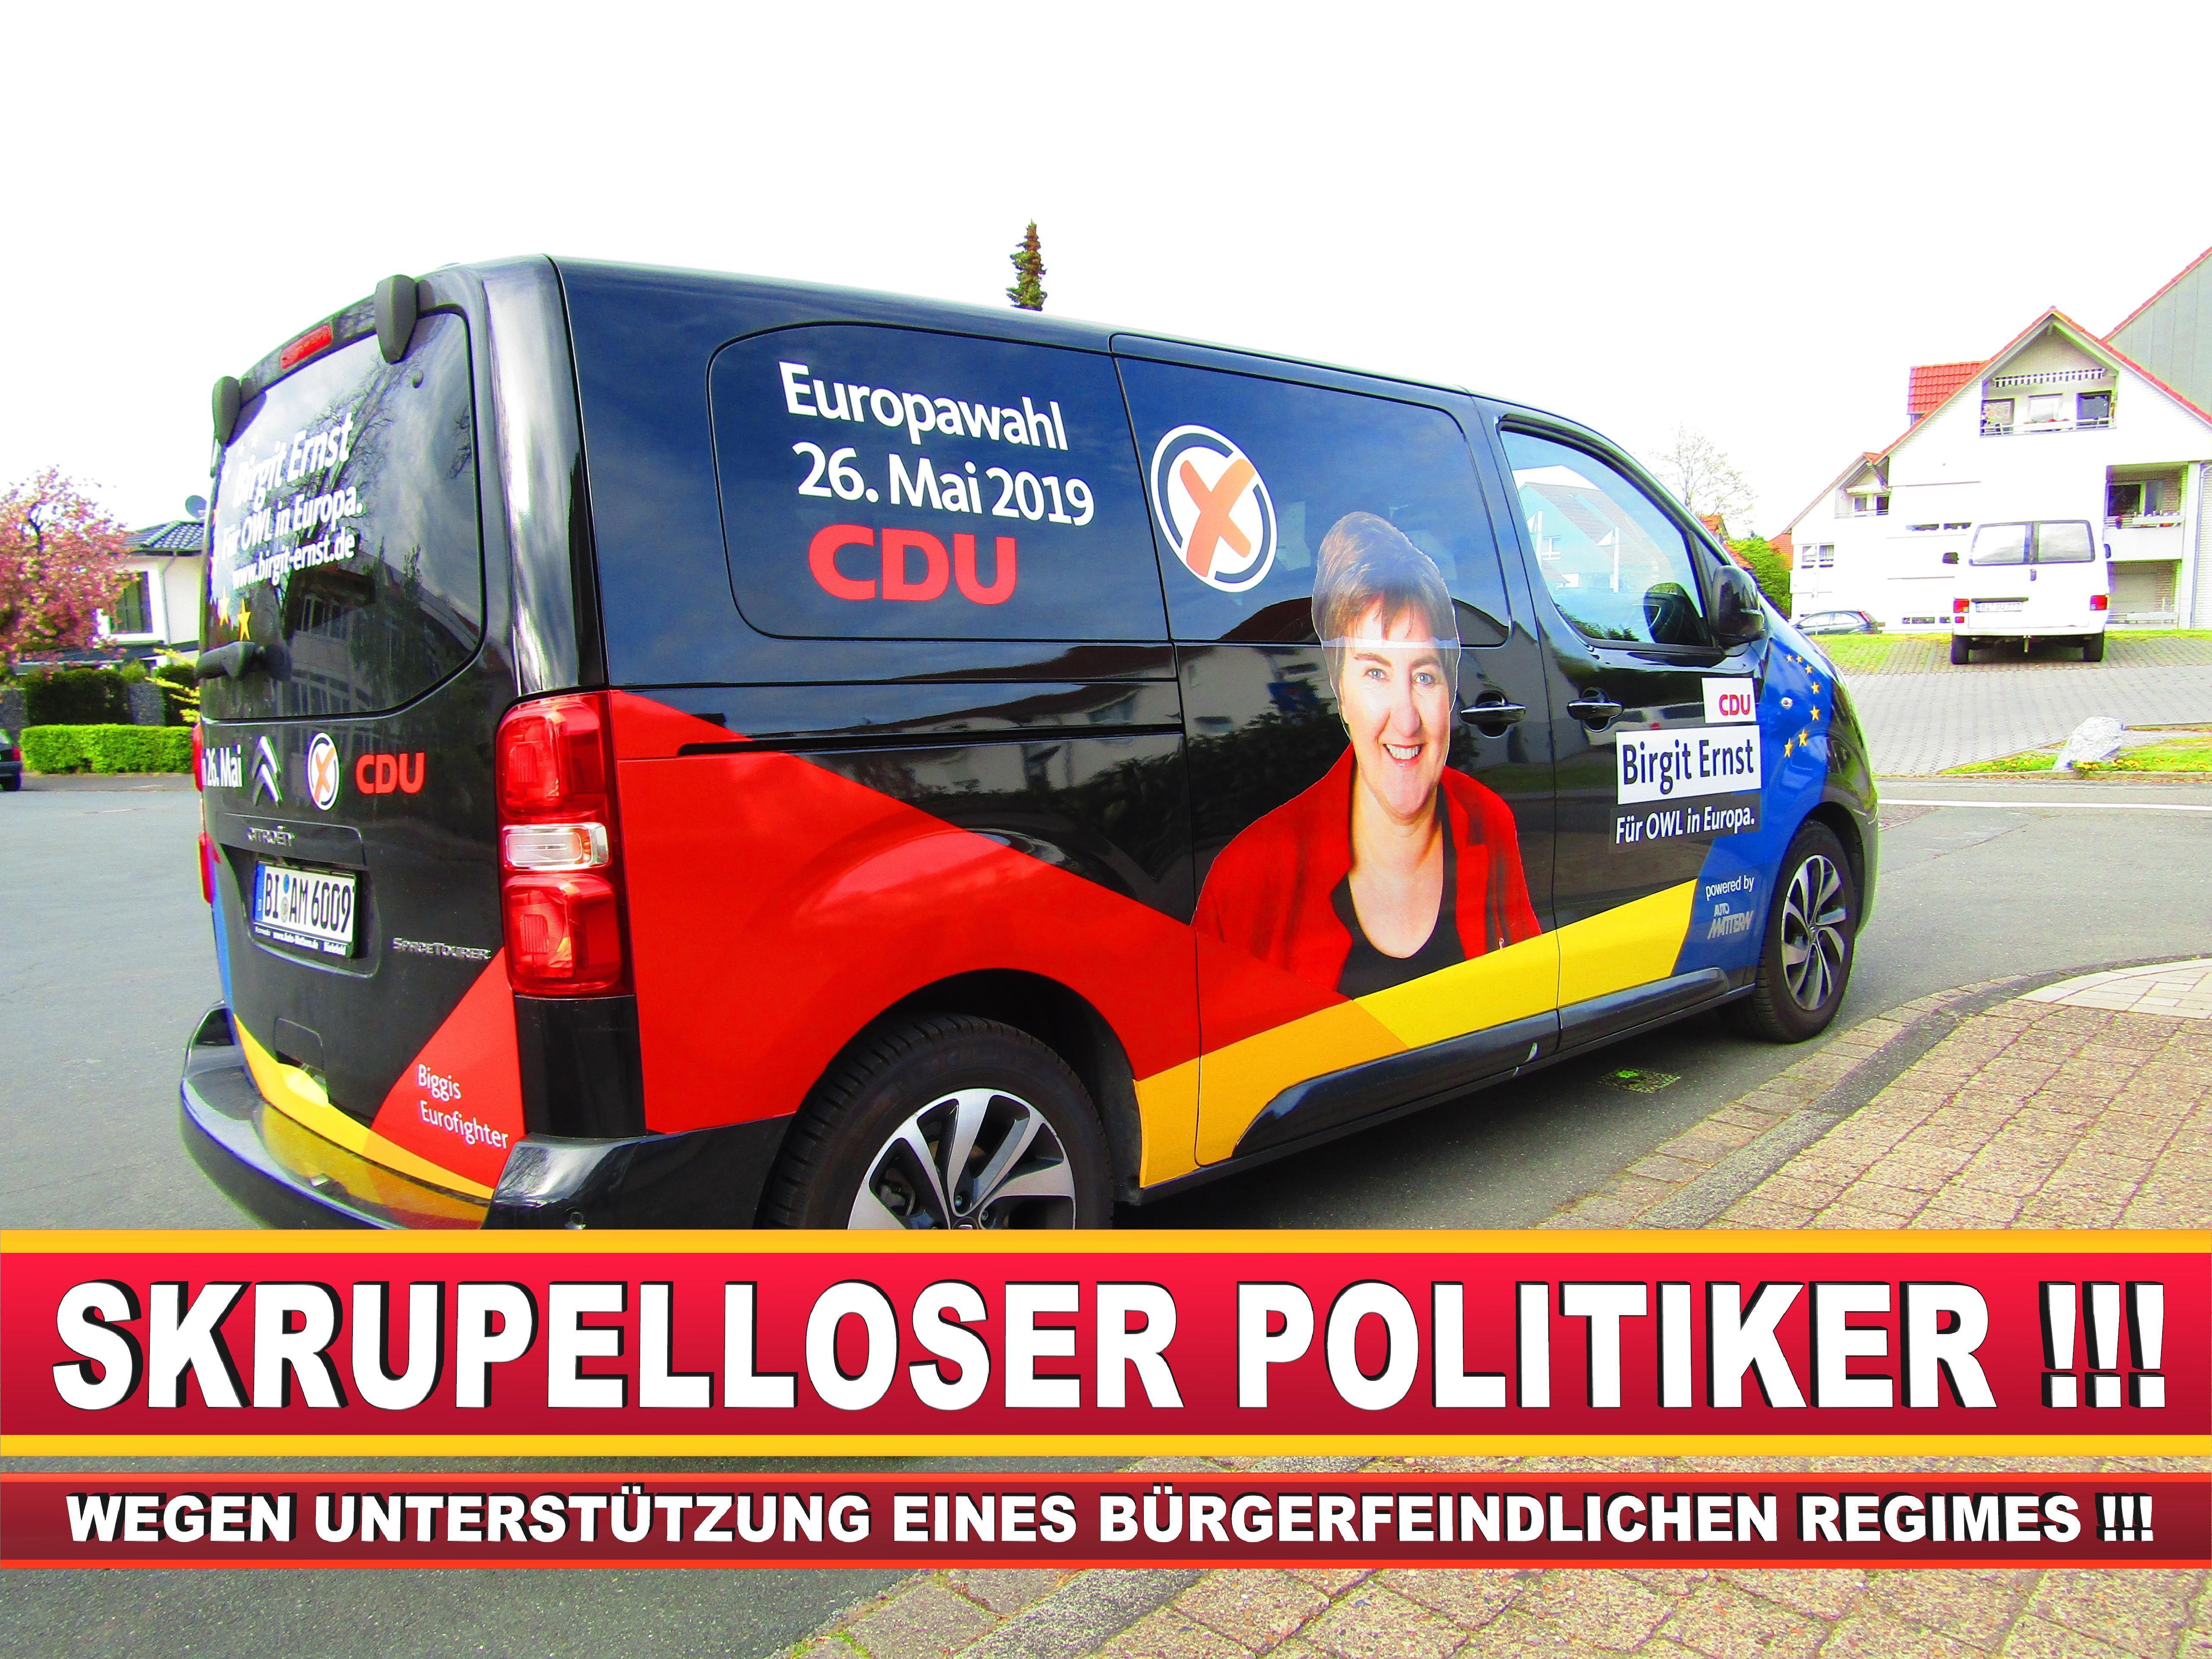 Europawahl Deutschland Birgit Ernst CDU (6)